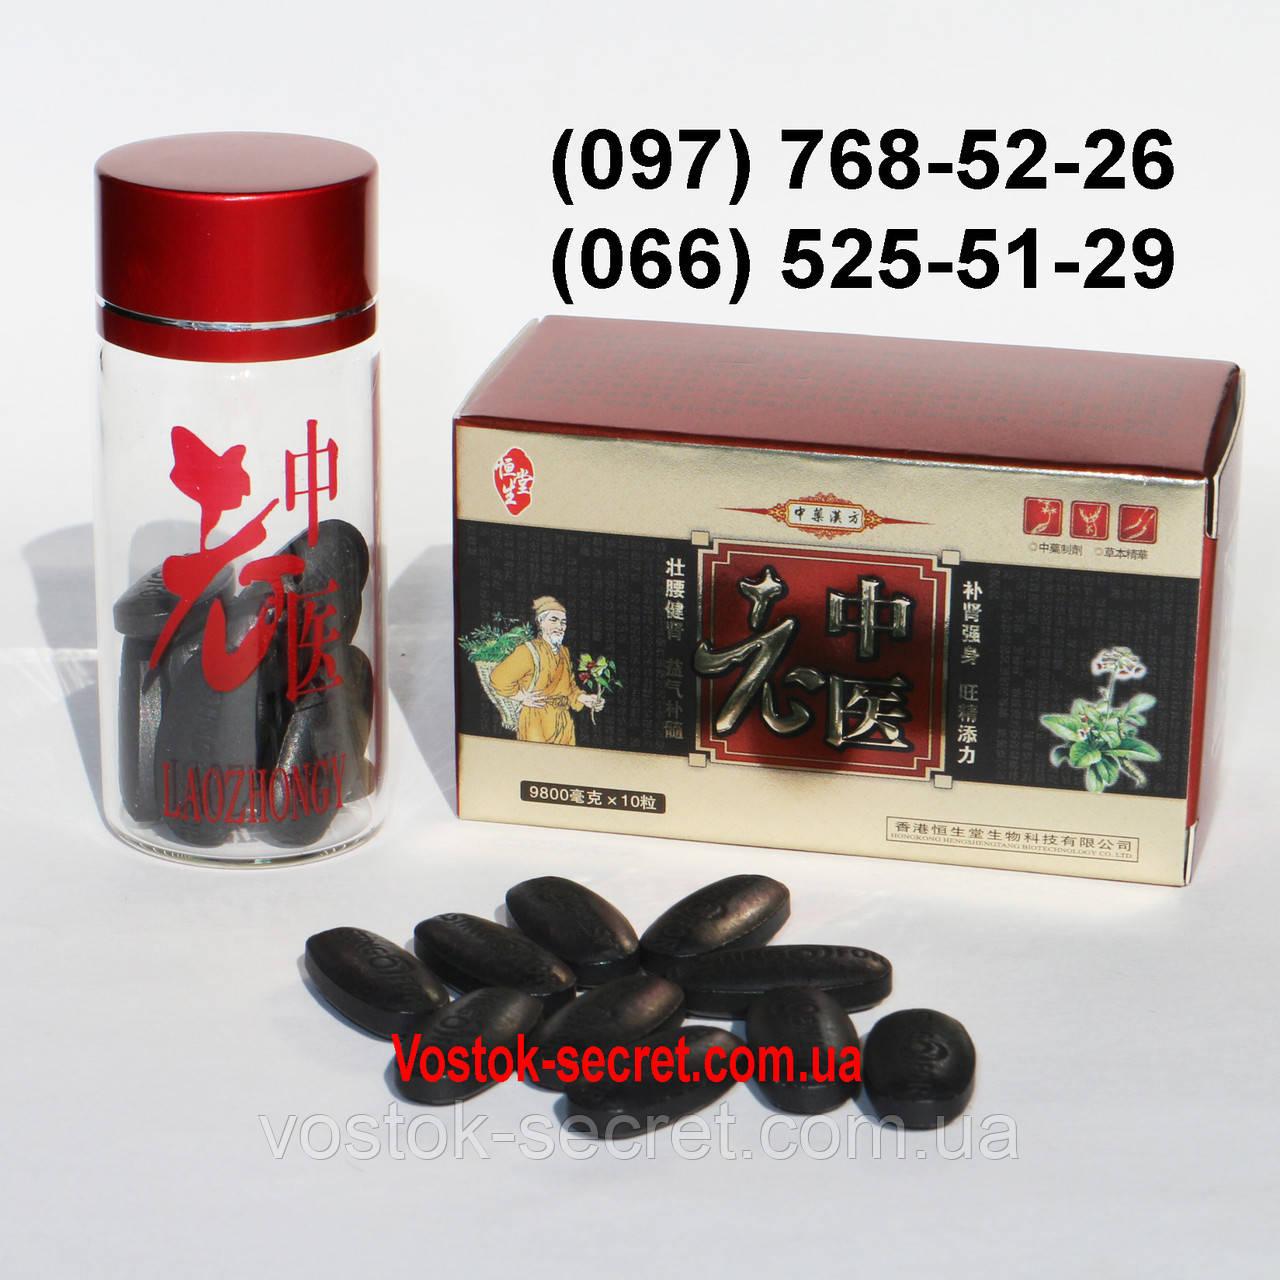 Китайский натуральный препарат Laozhongy (Лаожонги) 10табл.